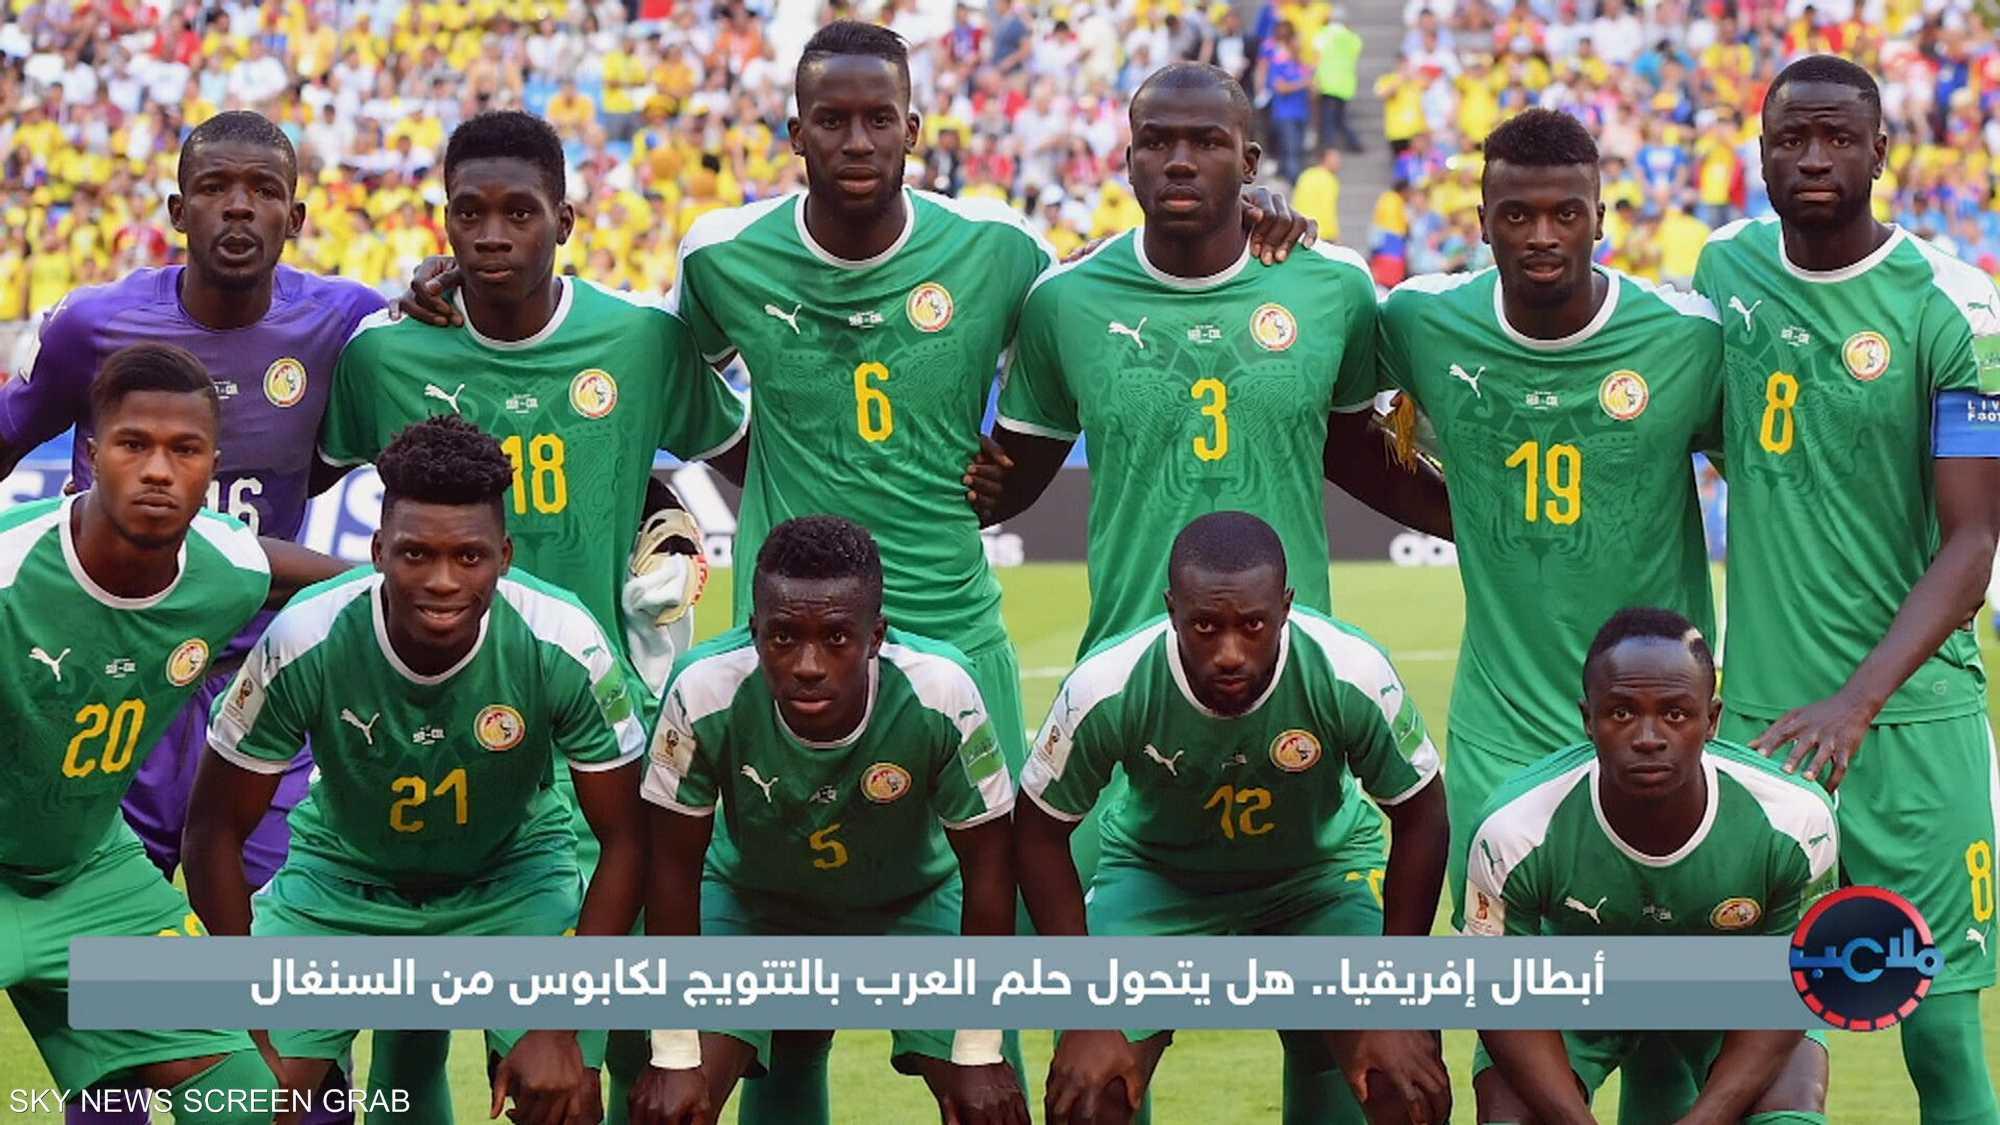 أمم أفريقيا.. هل يتحول حلم العرب بالتتويج لكابوس من السنغال